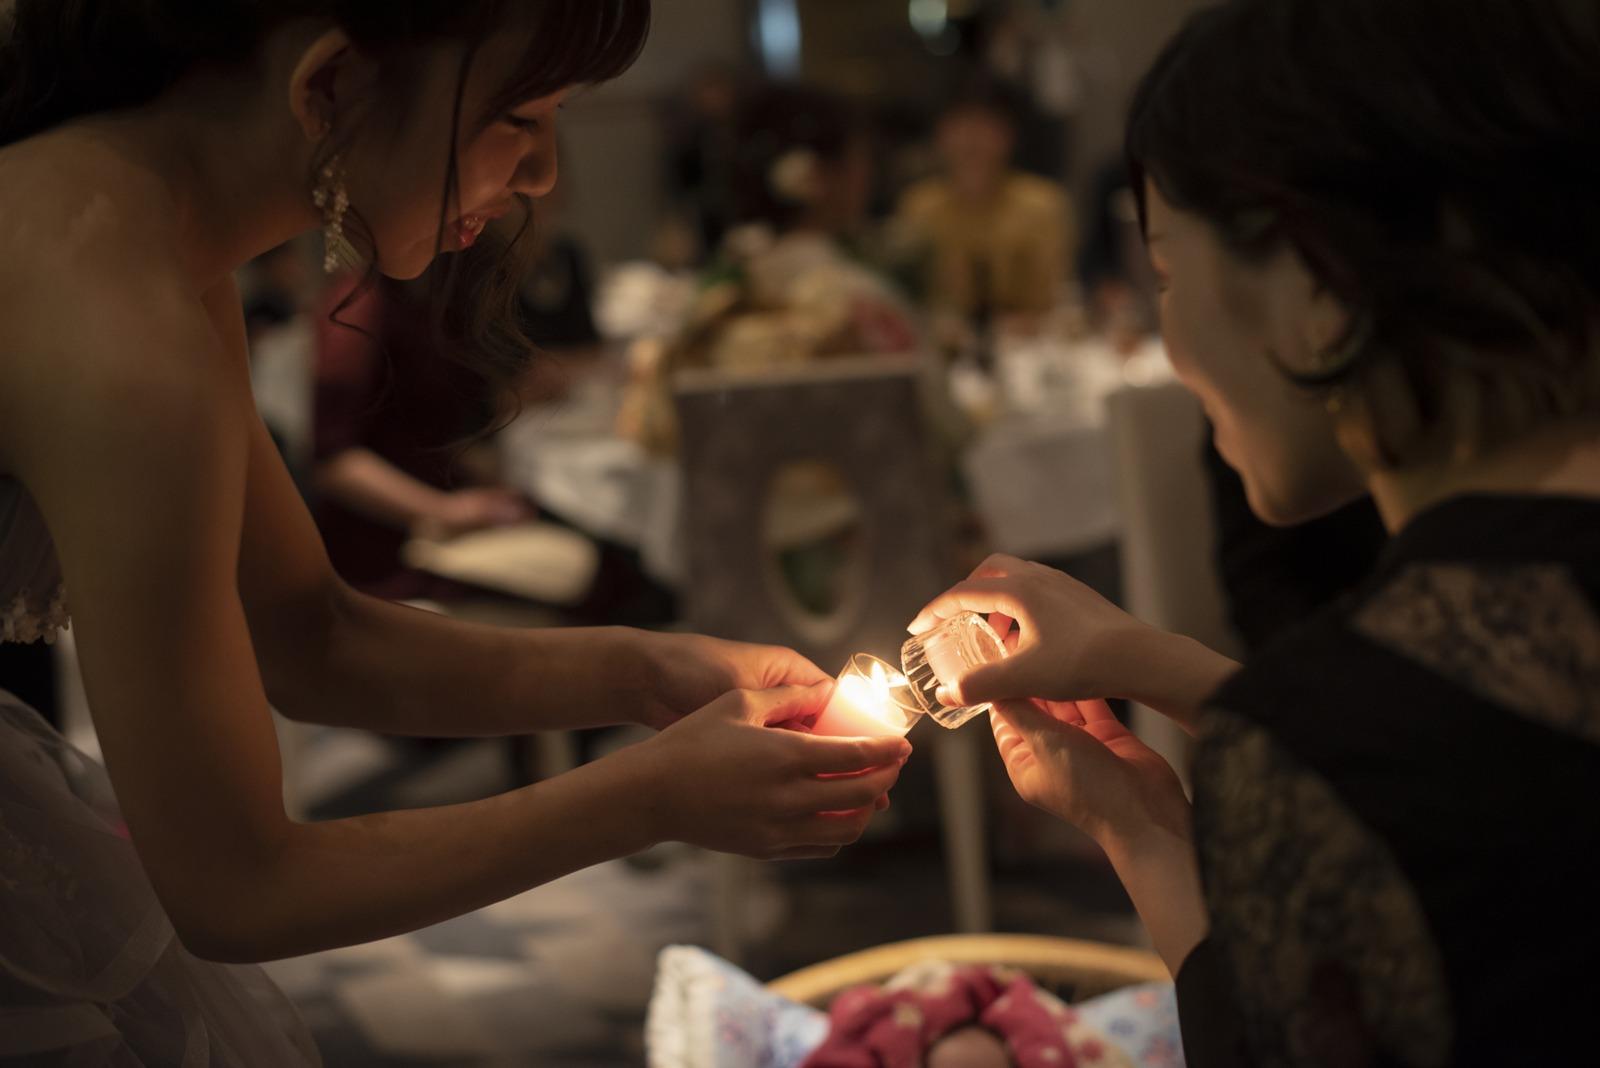 徳島市の結婚式場ブランアンジュでゲストに感謝の気持ちを伝えるキャンドルセレモニー